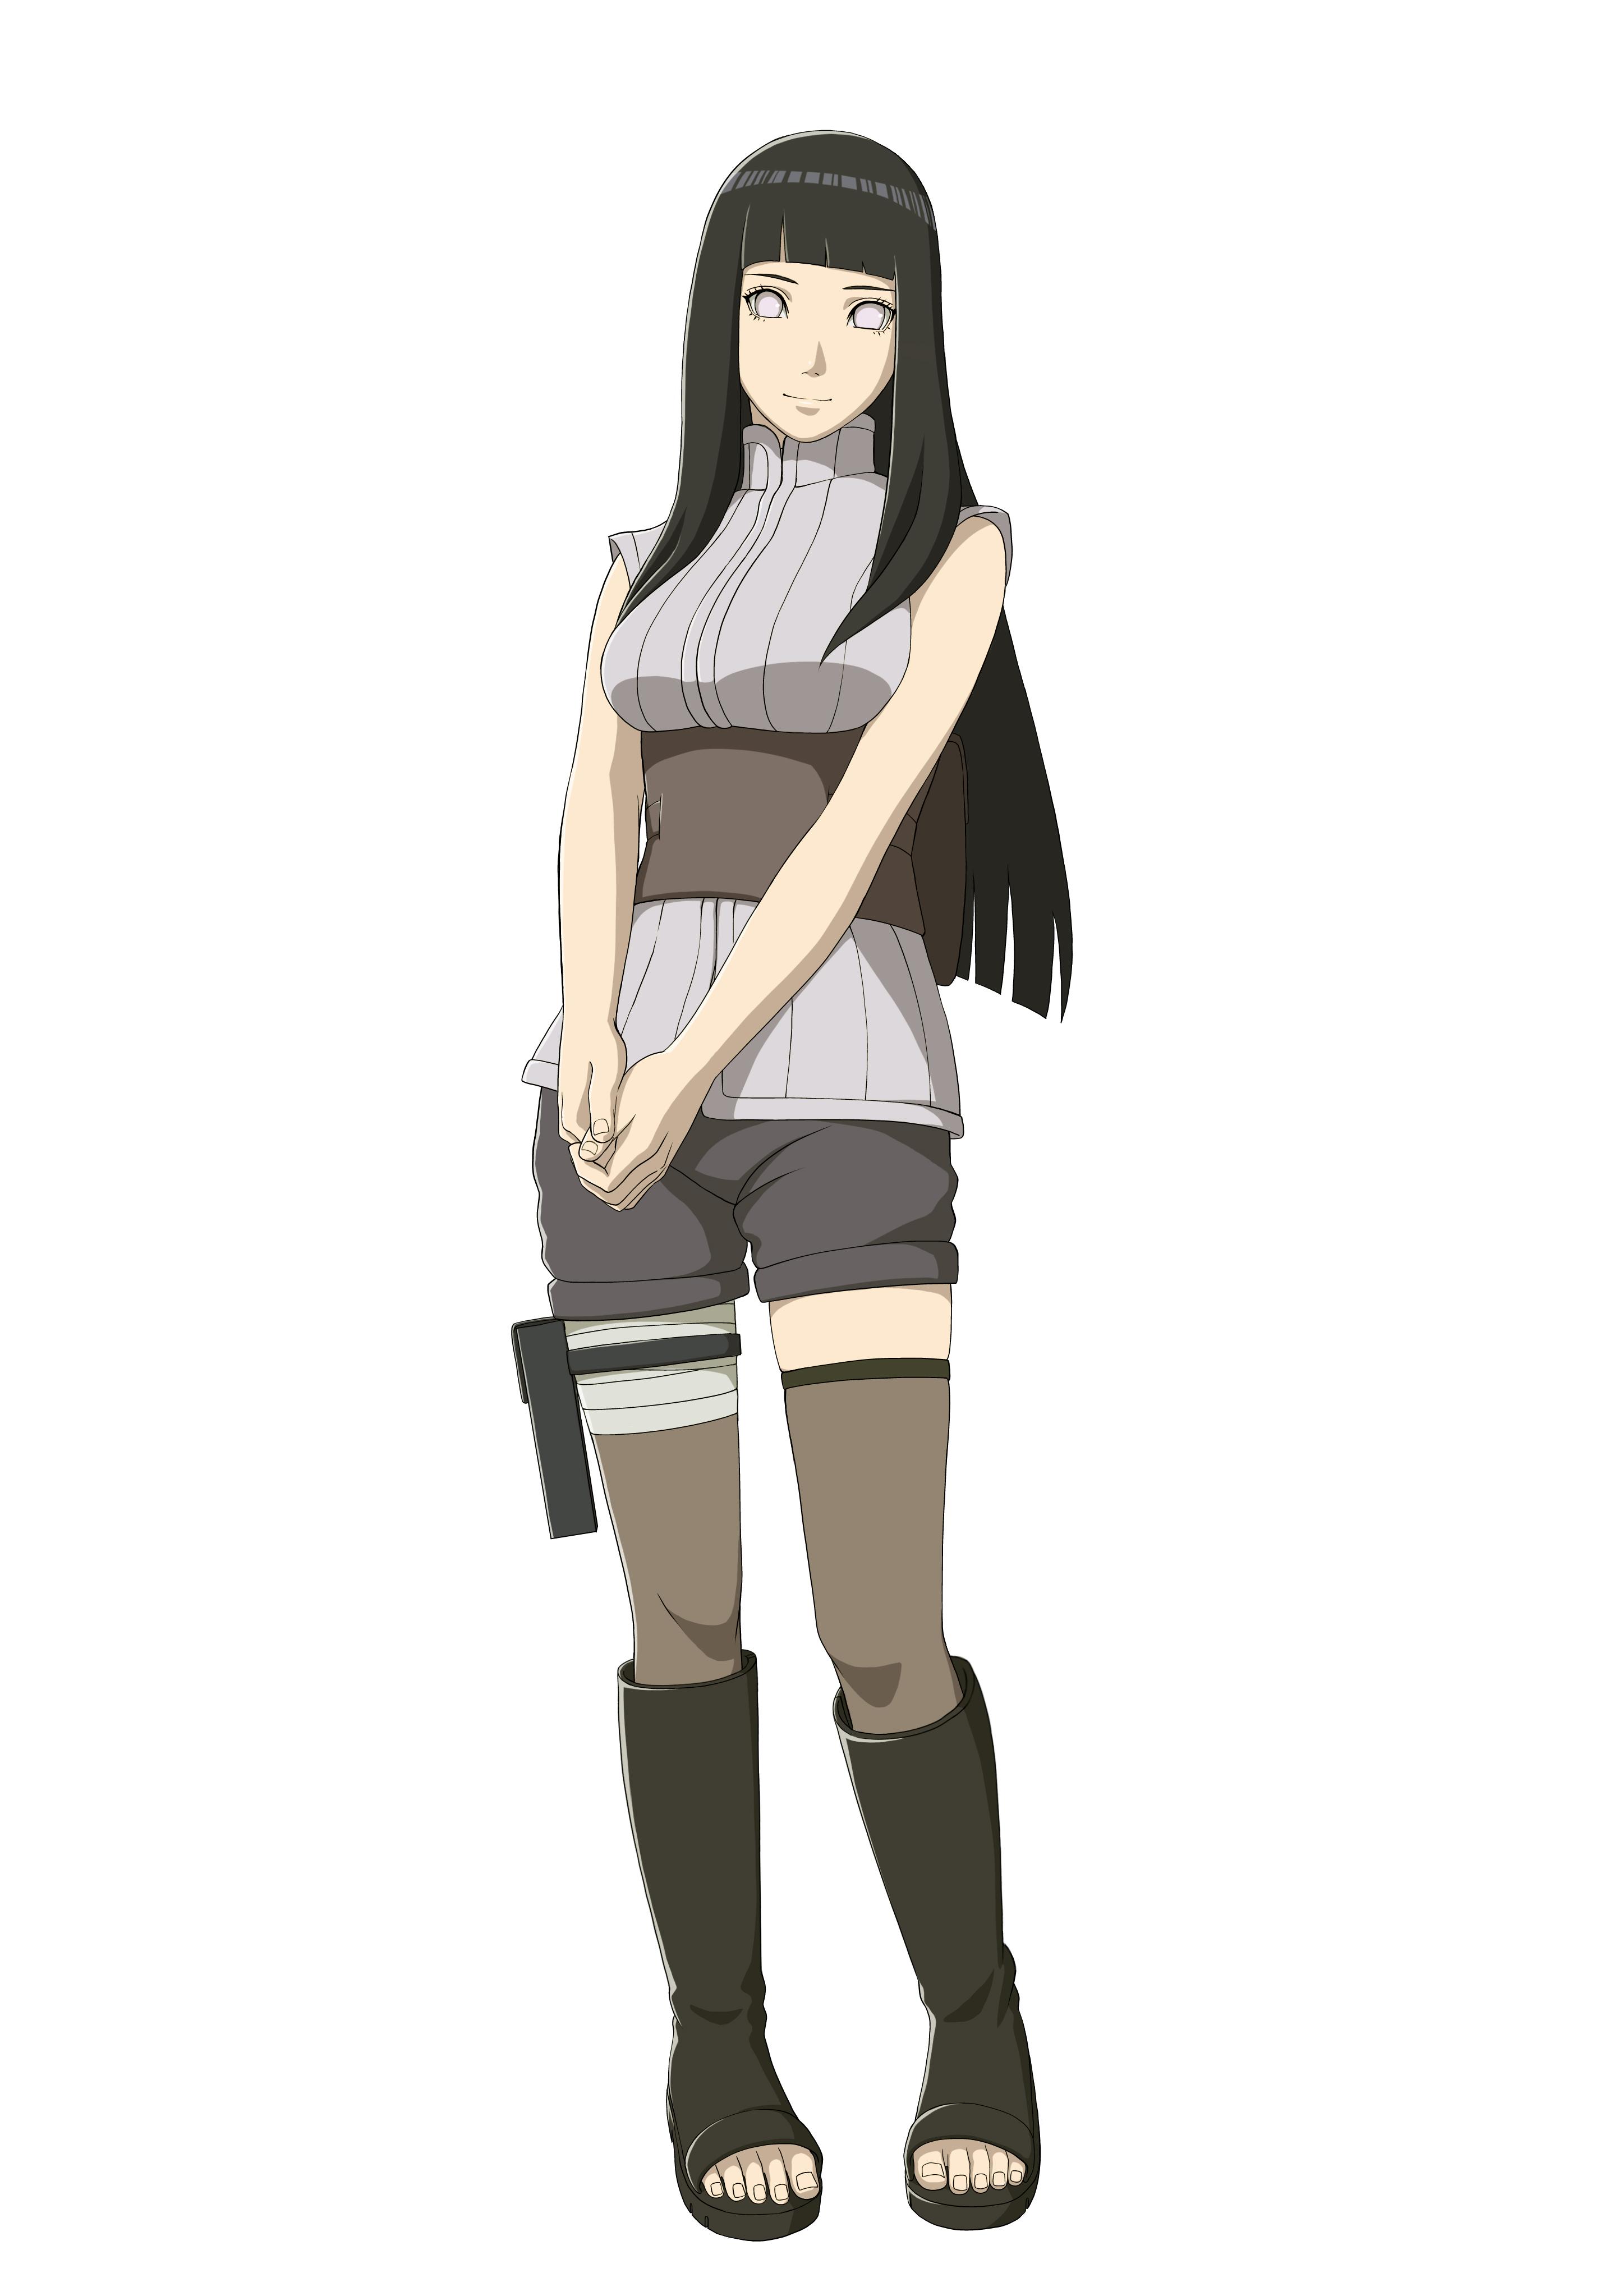 http://www.recantododragao.com.br/wp-content/uploads/2015/01/Naruto-Shippuden-Ultimate-Ninja-Storm-4_2015_01-19-15_003.jpg